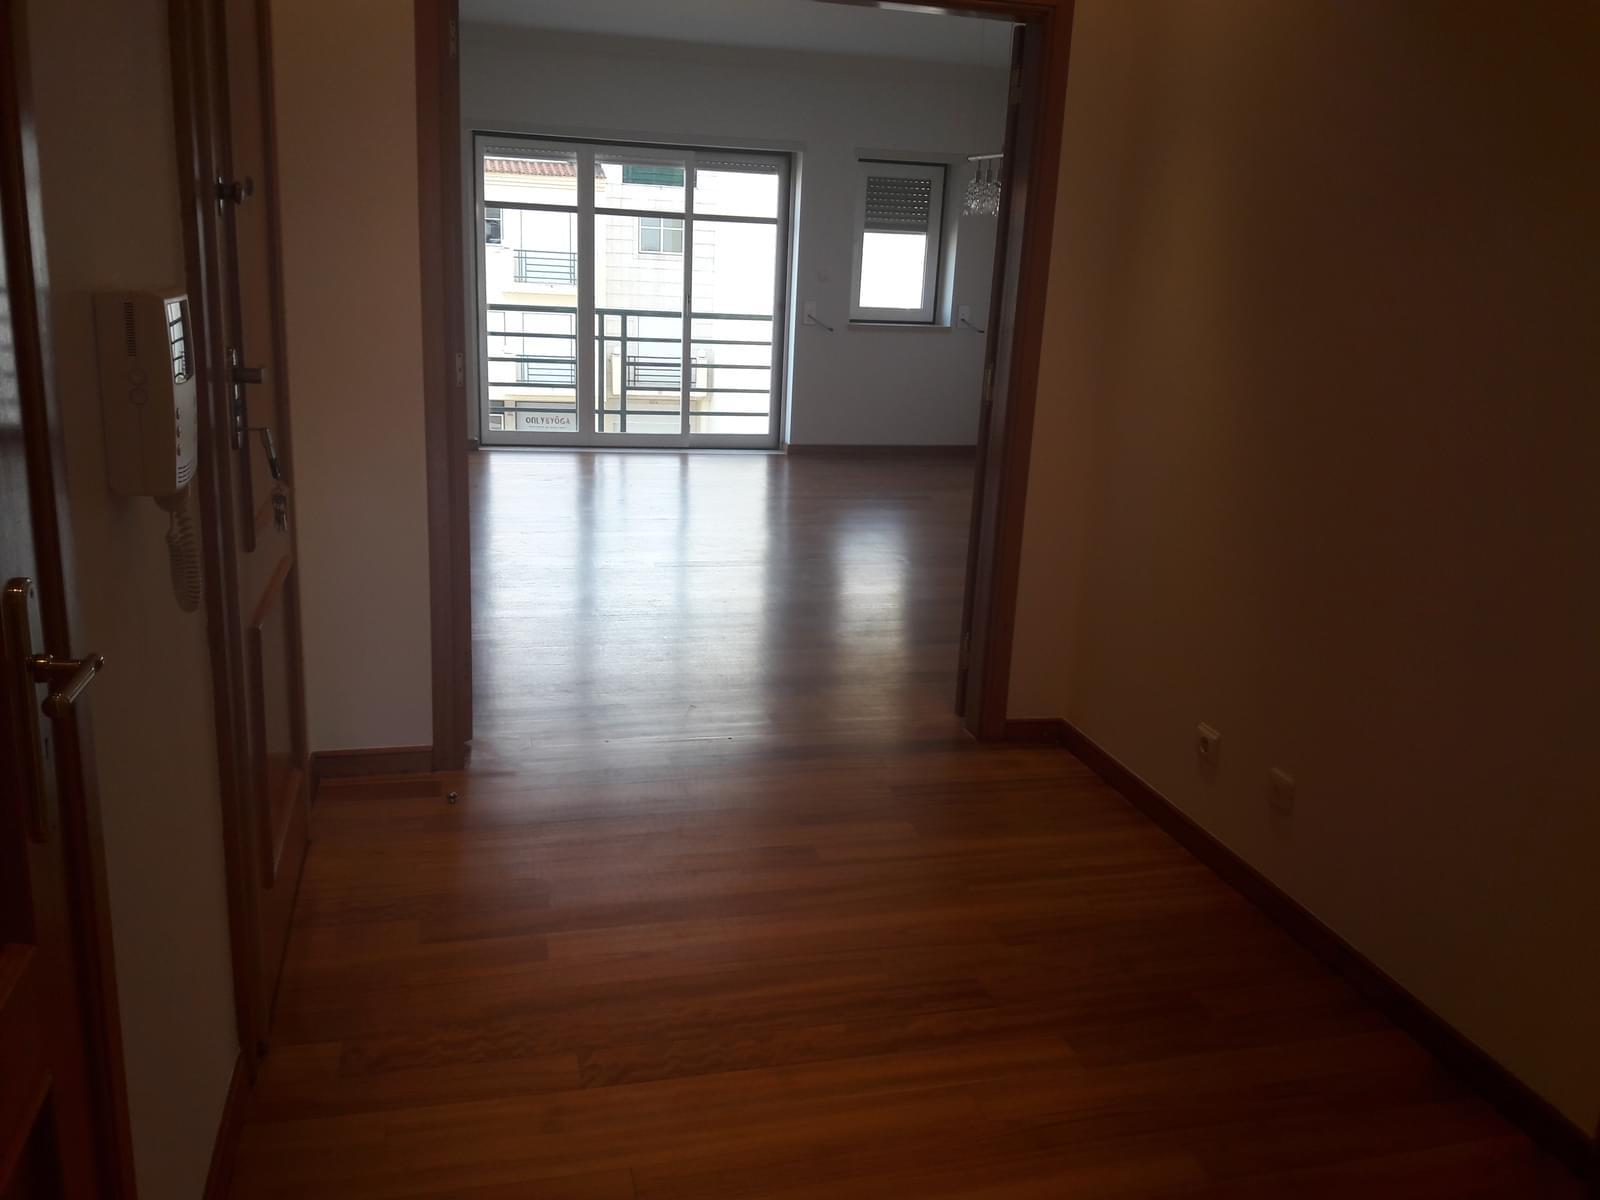 pf18038-apartamento-t3-c0c3cb31-7b7e-492b-ac65-ccd3efbe6aec